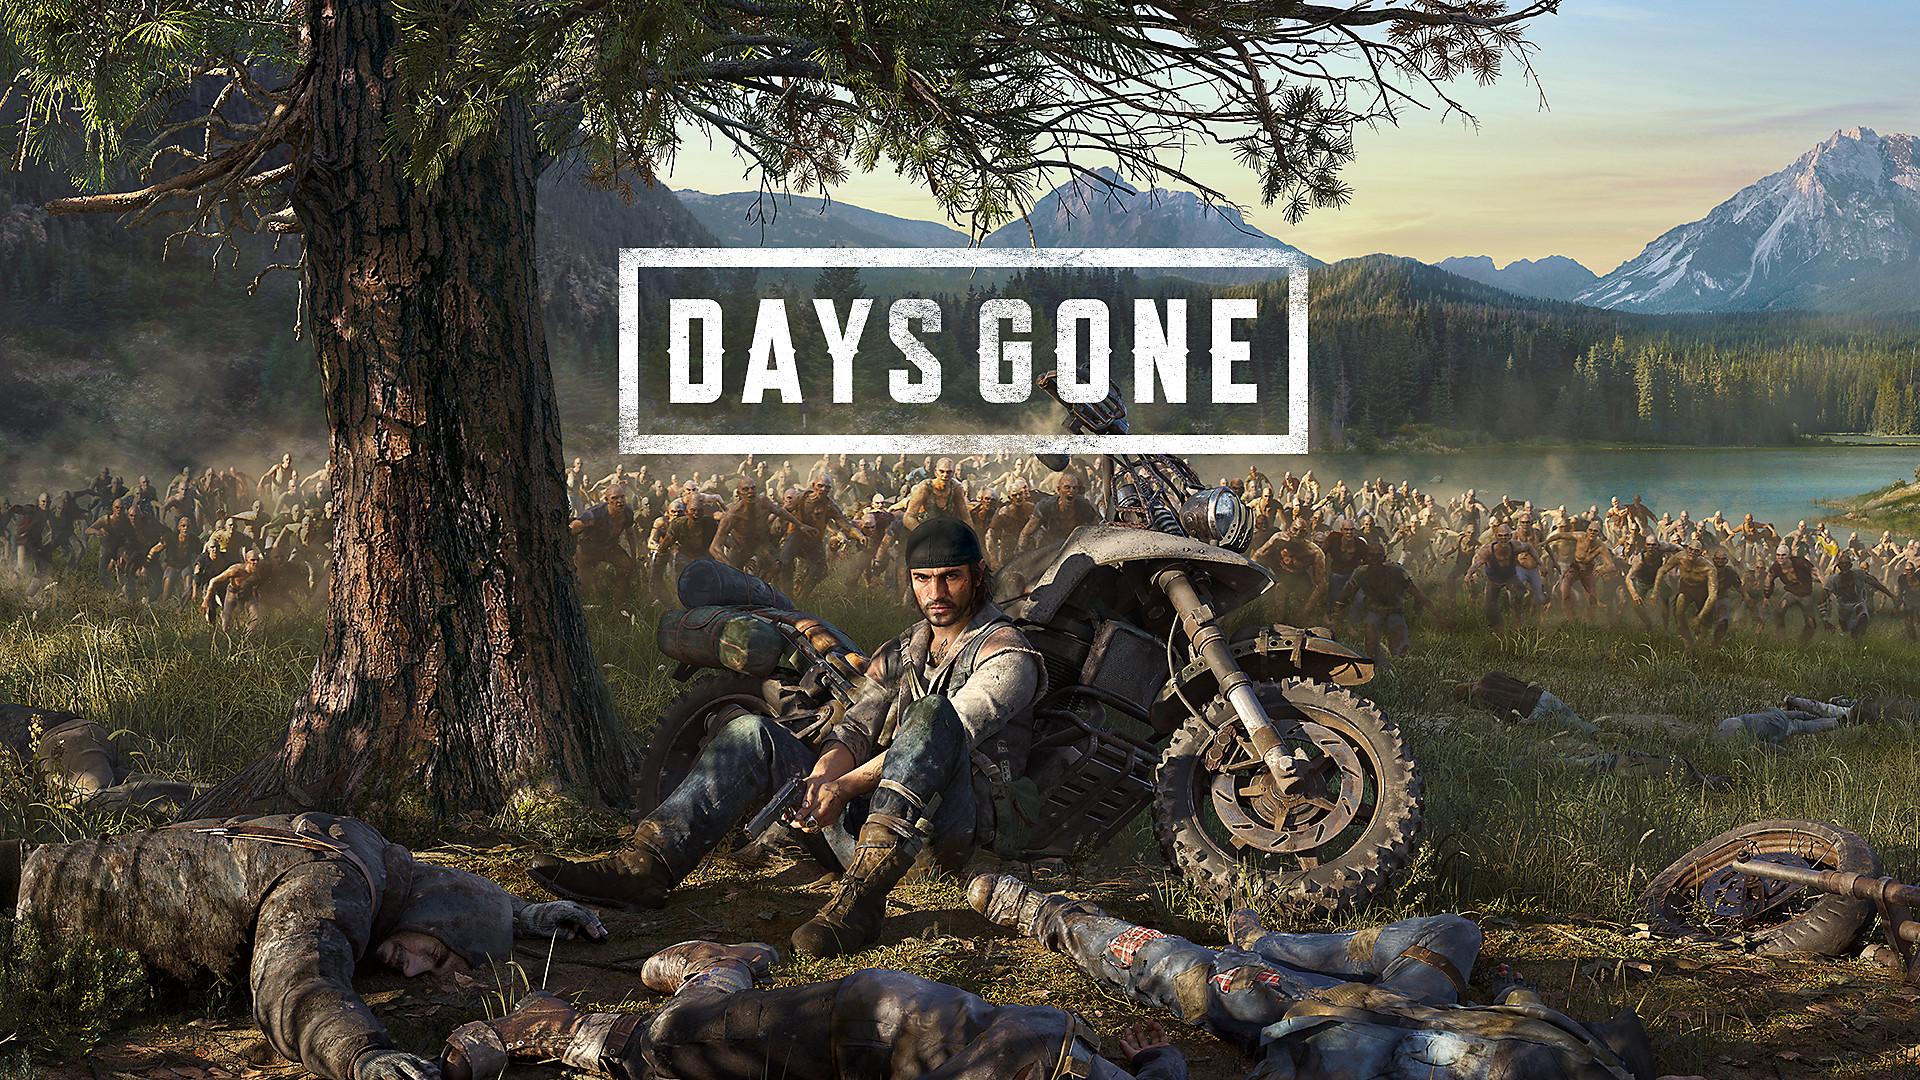 لعبة Days Gone تتصدر مبيعات الألعاب في بريطانيا وتأخذ لقب سابع أفضل لعبة  على البلايستيشن 4 ! - سماعة تك